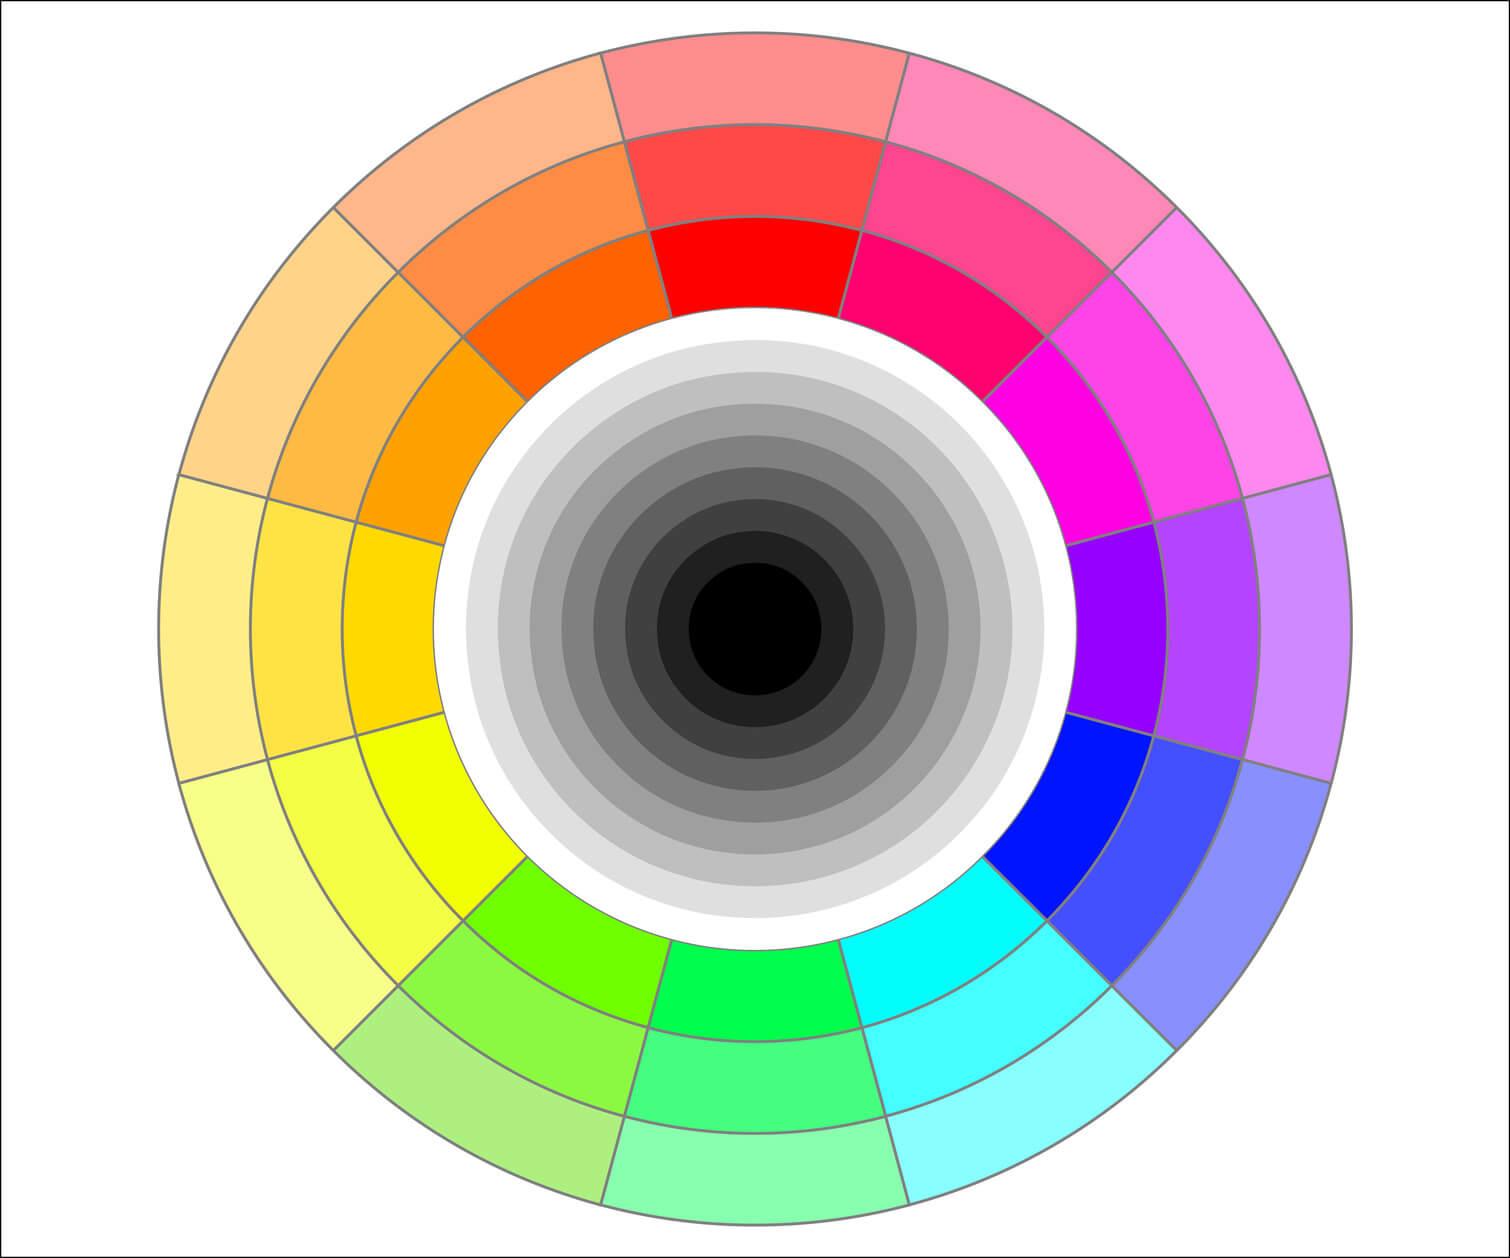 Colores fr os y c lidos definici n concepto y qu es - Gama colores frios ...